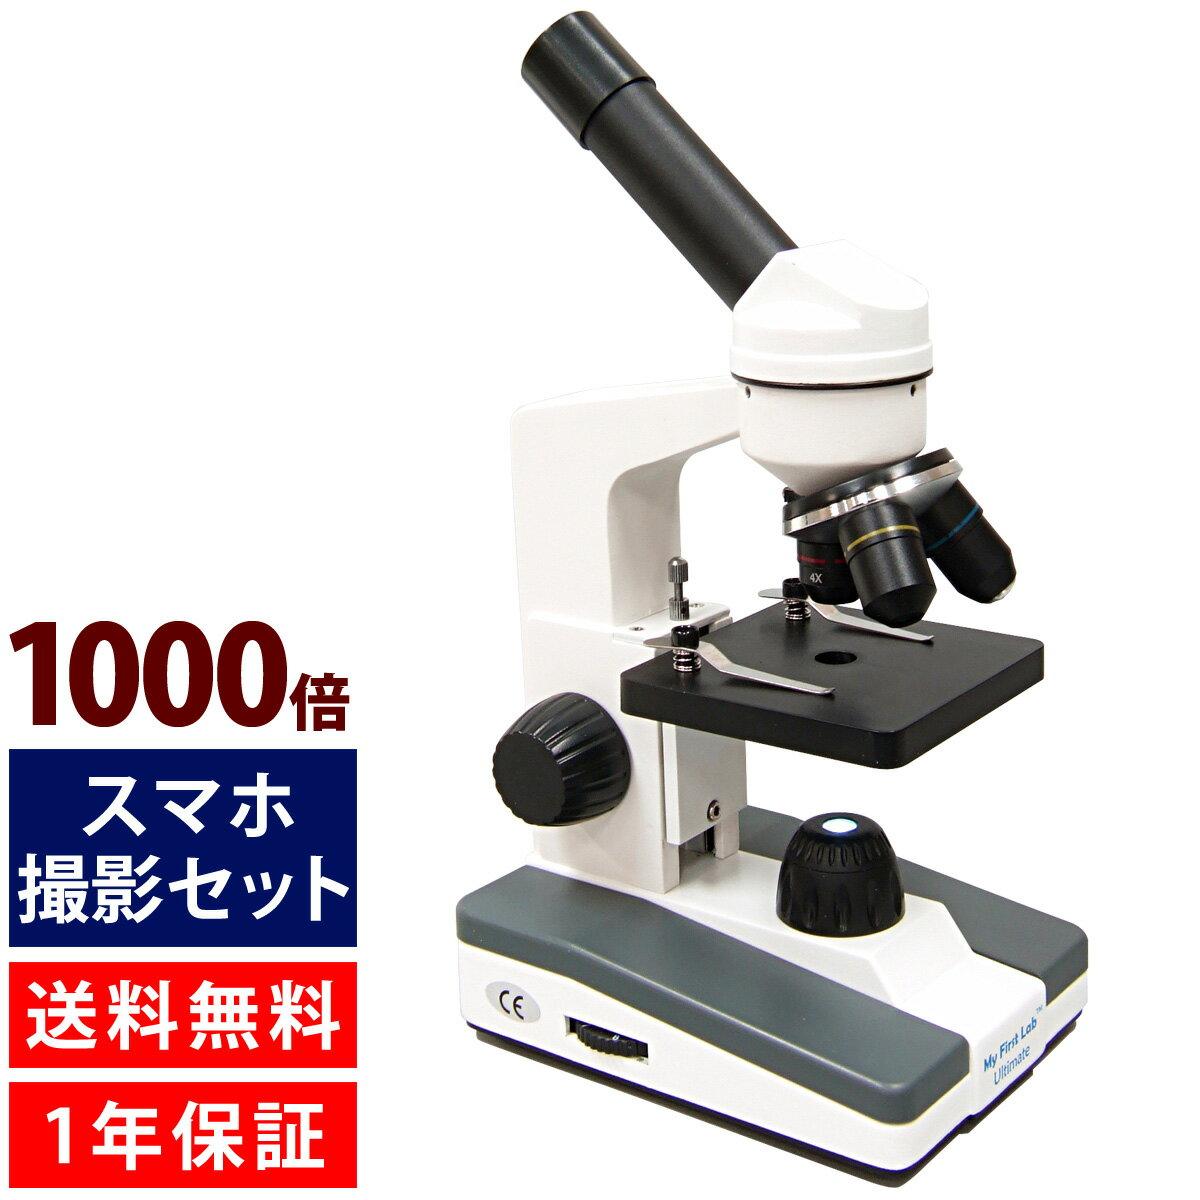 顕微鏡 小学生 スマホ撮影セット 40倍-1000倍 生物顕微鏡 顕微鏡セット 子供 学習 自由研究